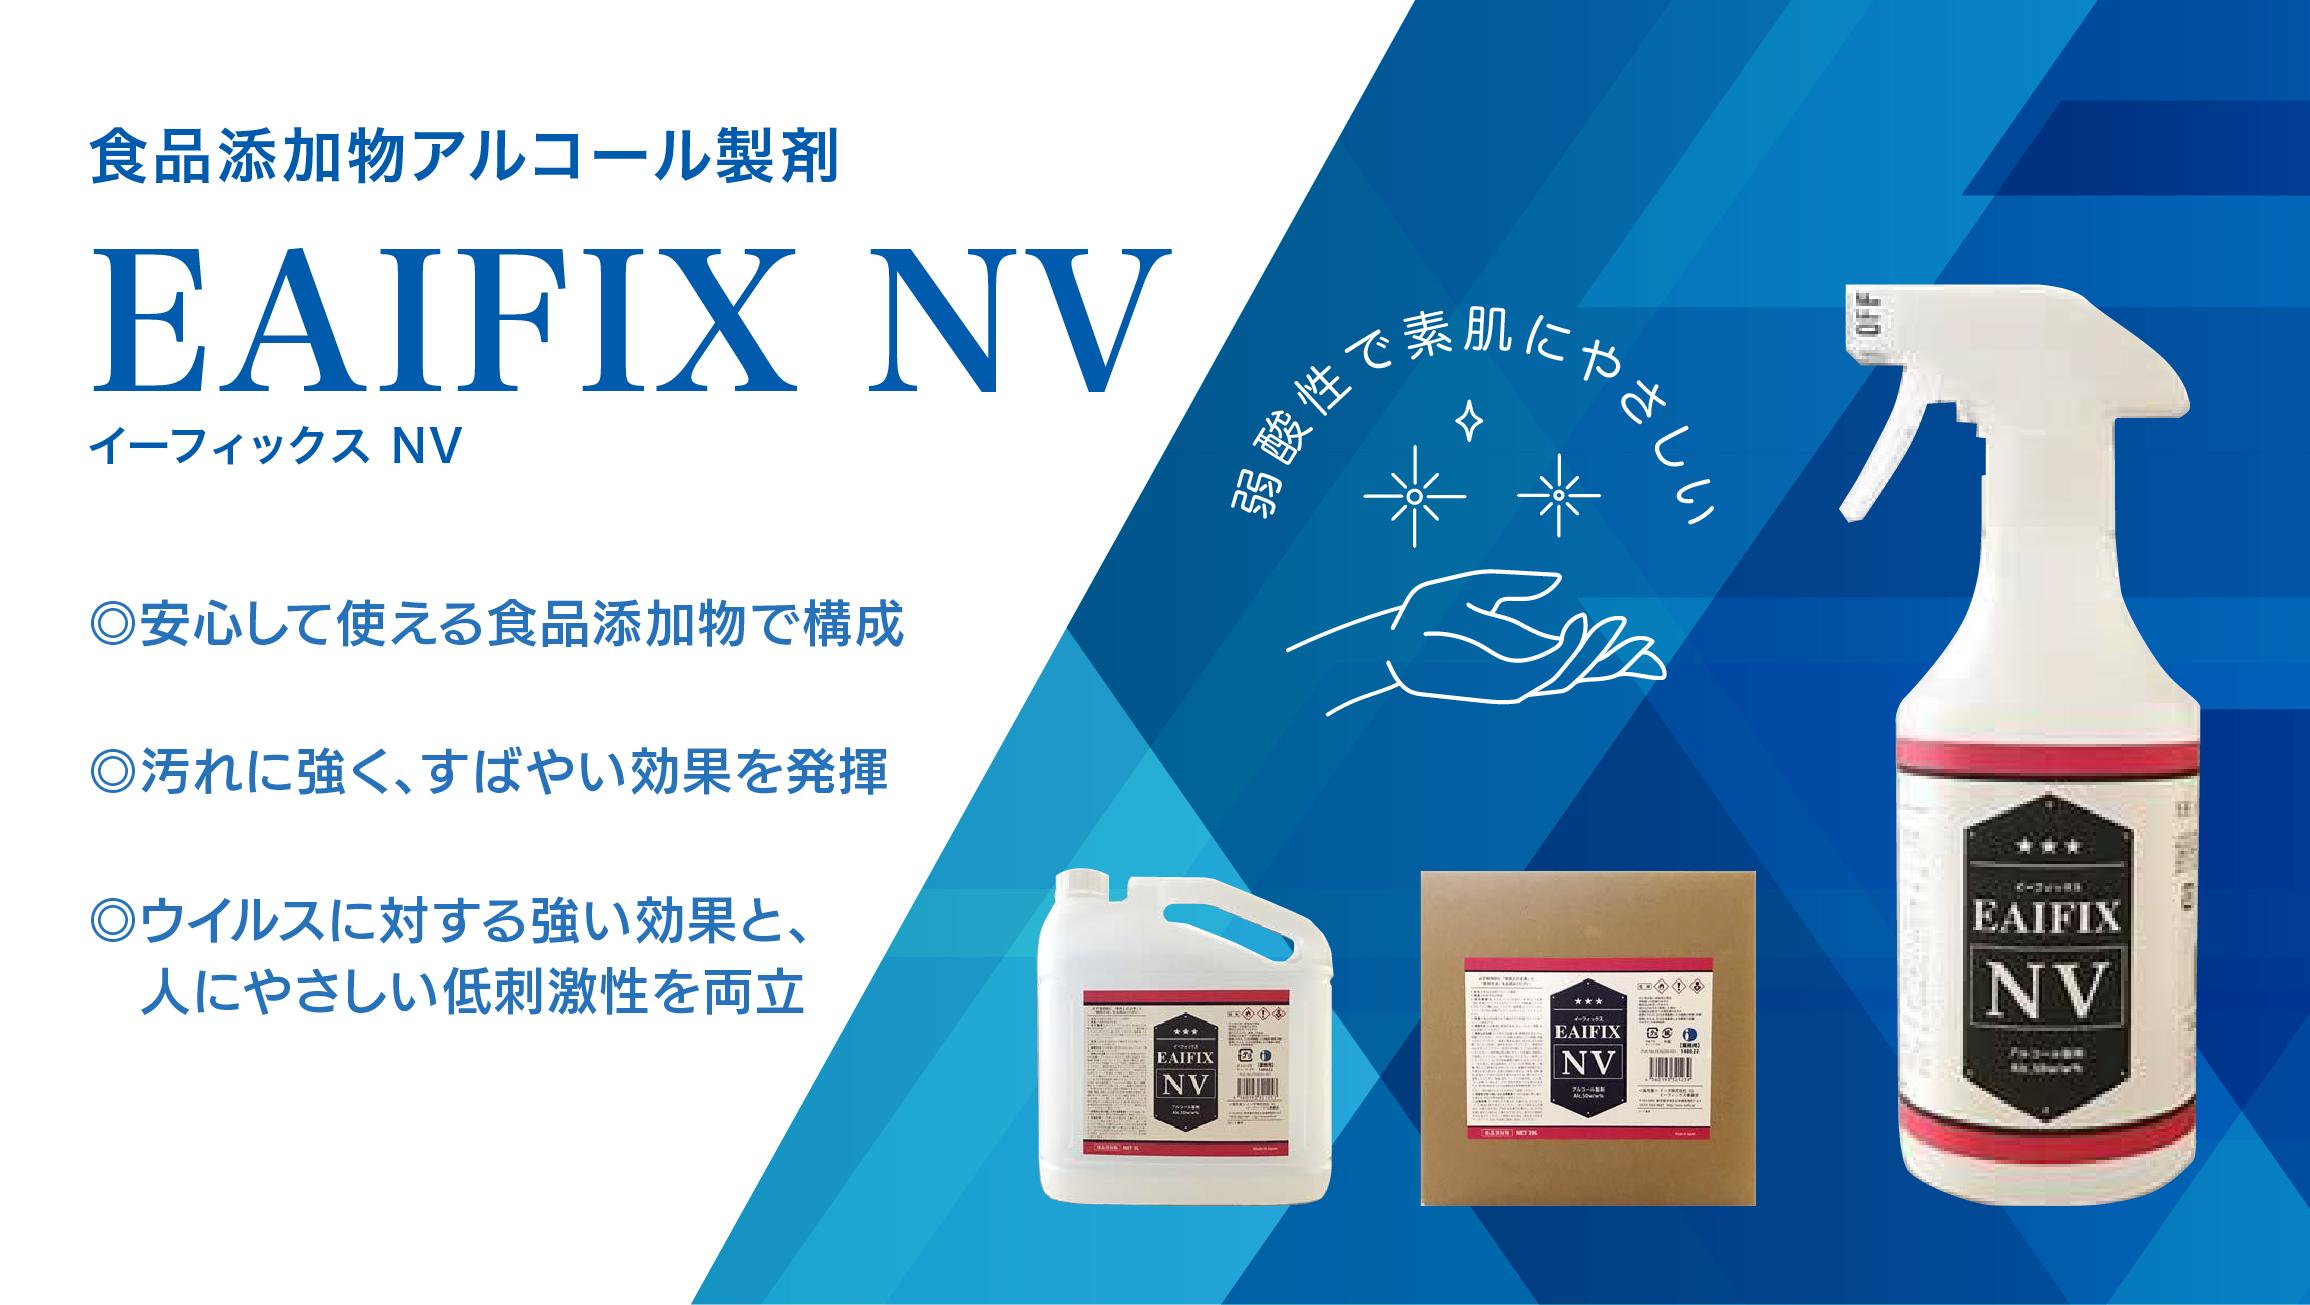 アルコール製剤 EAIFIX NV